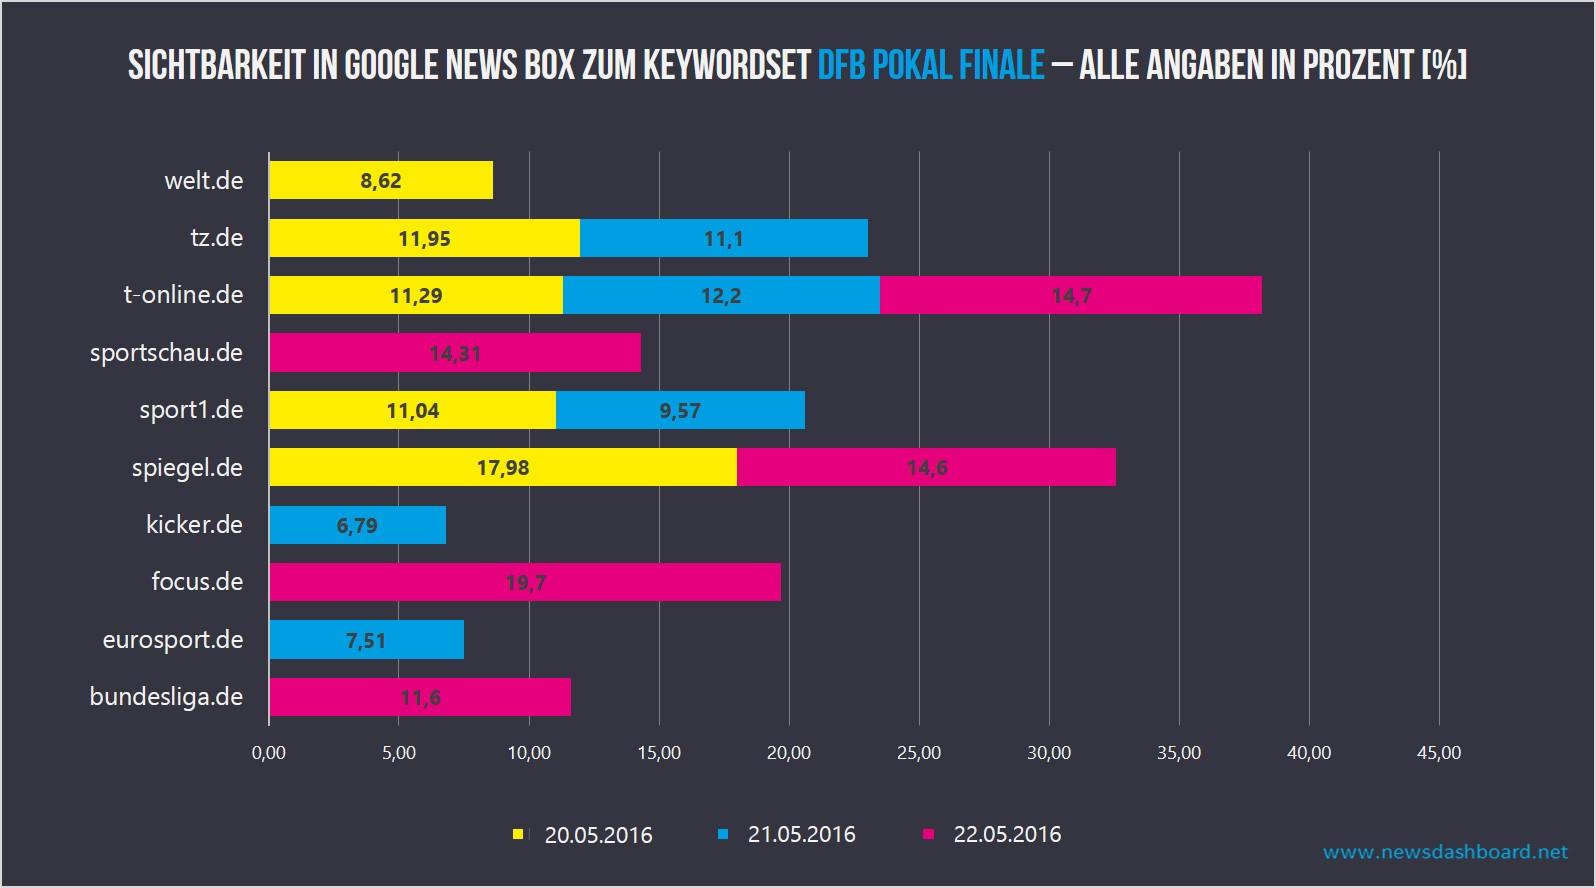 www.t-online.de an drei Tagen mit Sichtbarkeiten über zehn prozent in der Google News Box, spiegel.de und tz.de an zwei Tagen sehr stark